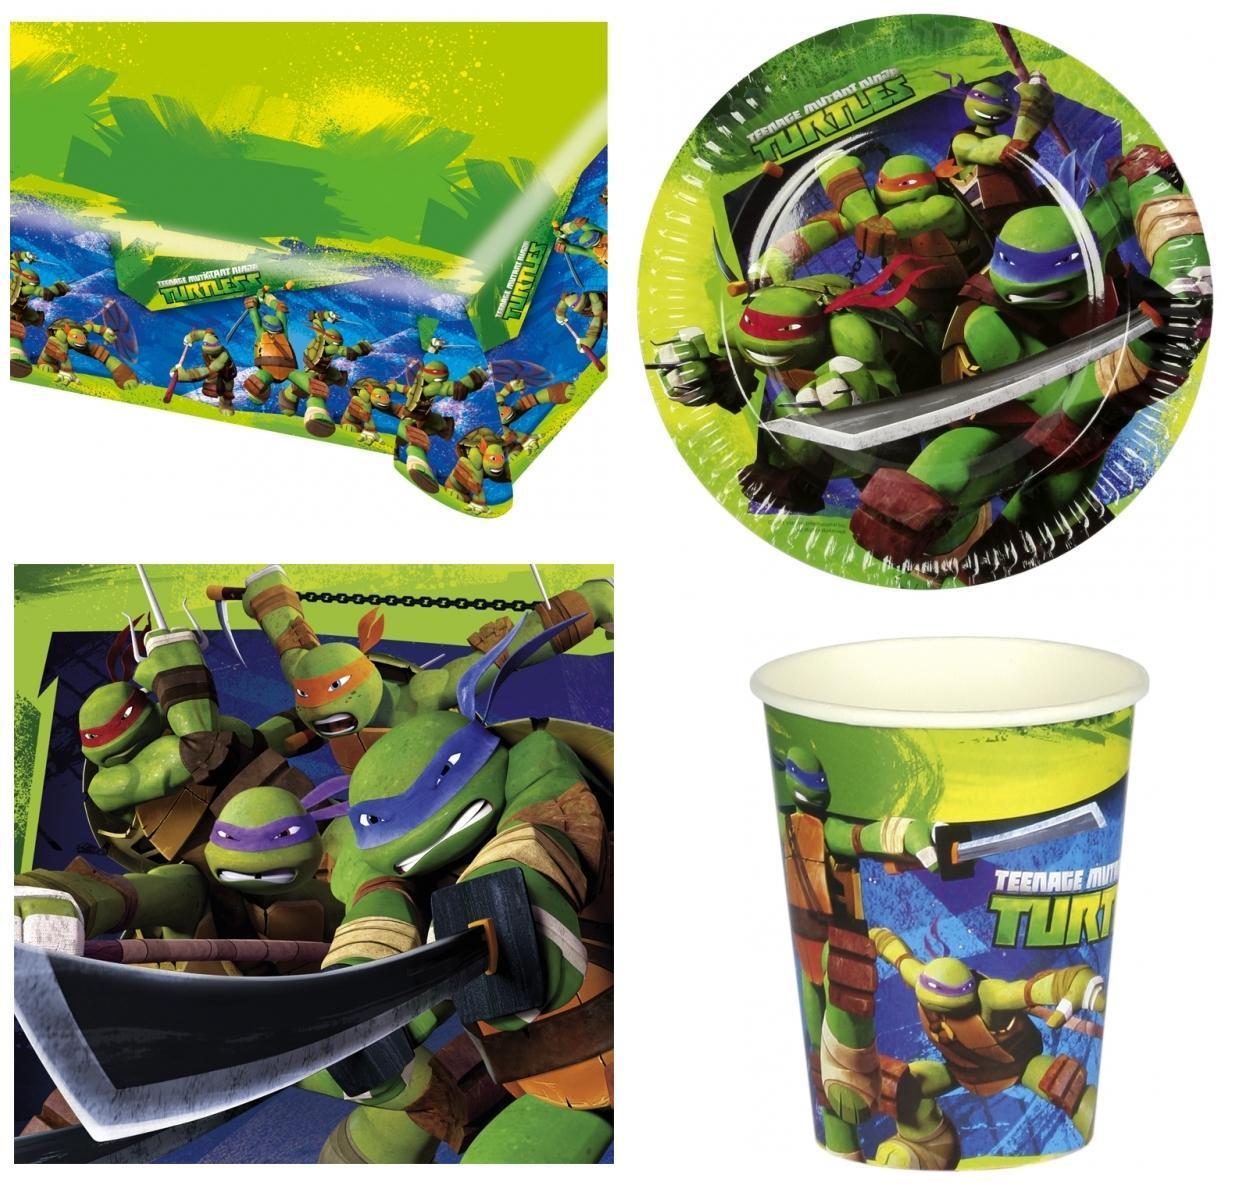 Tartarughe Ninja set party piatti bicchieri tovaglia tovaglioli festa party